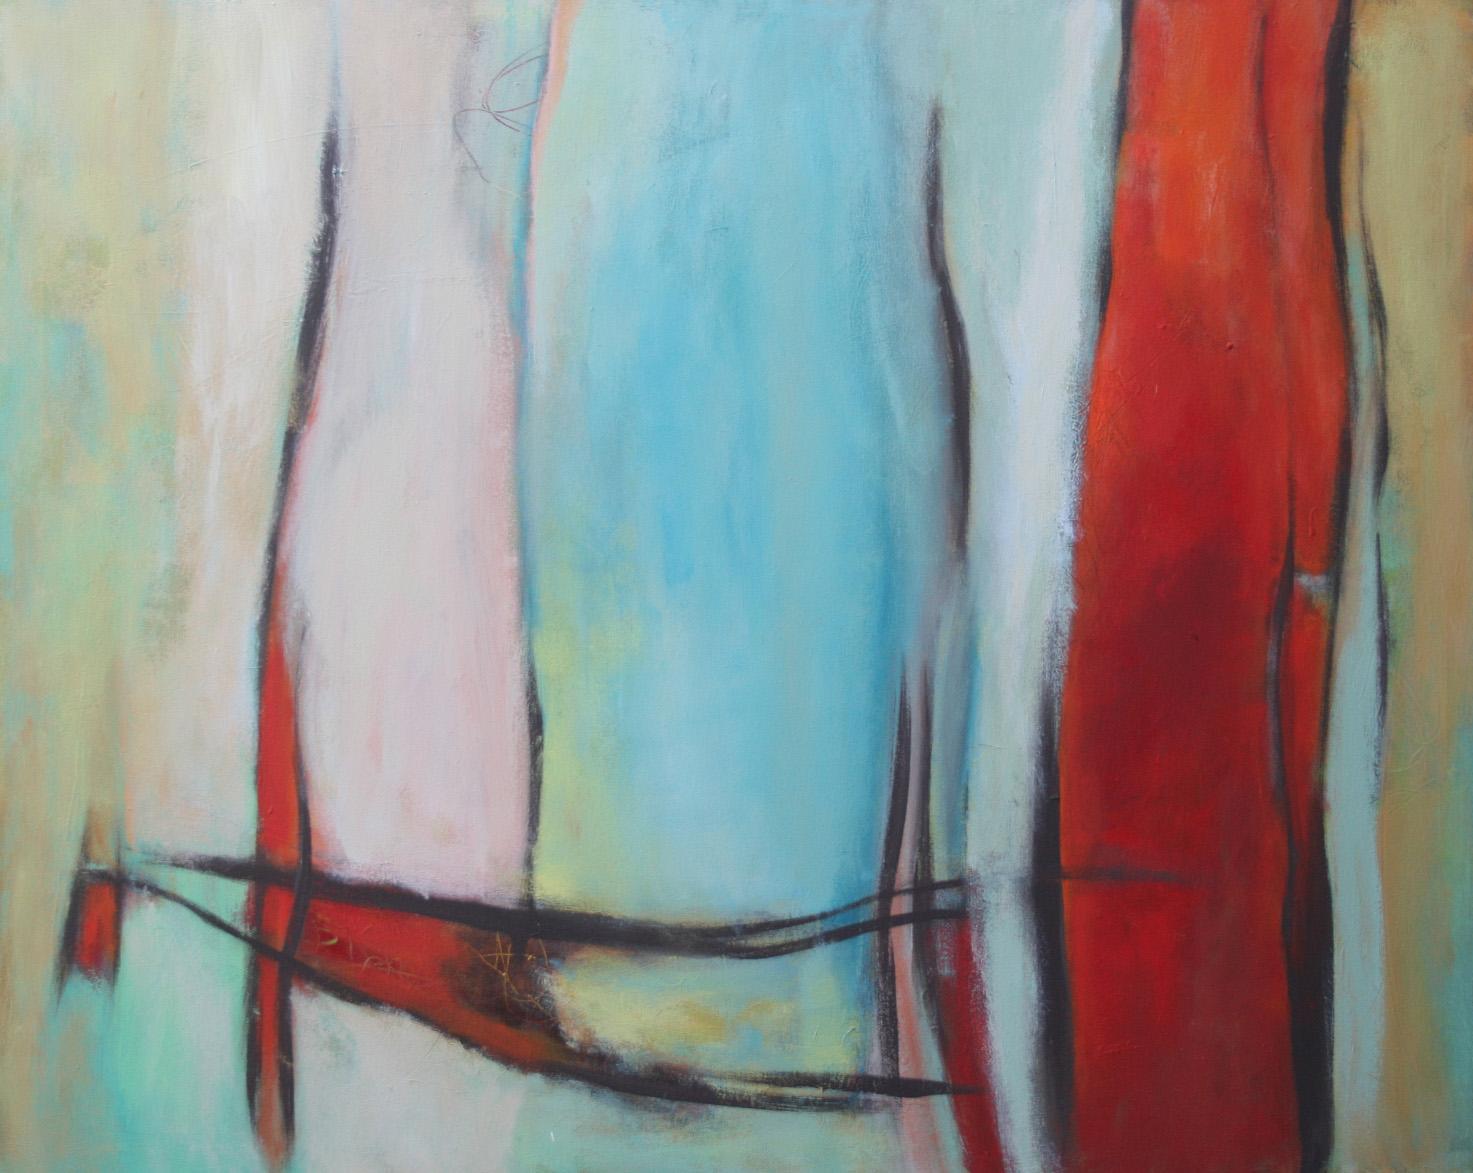 Wo ist das Meer?, Öl und Acryl auf Leinwand, 80 x 100 cm